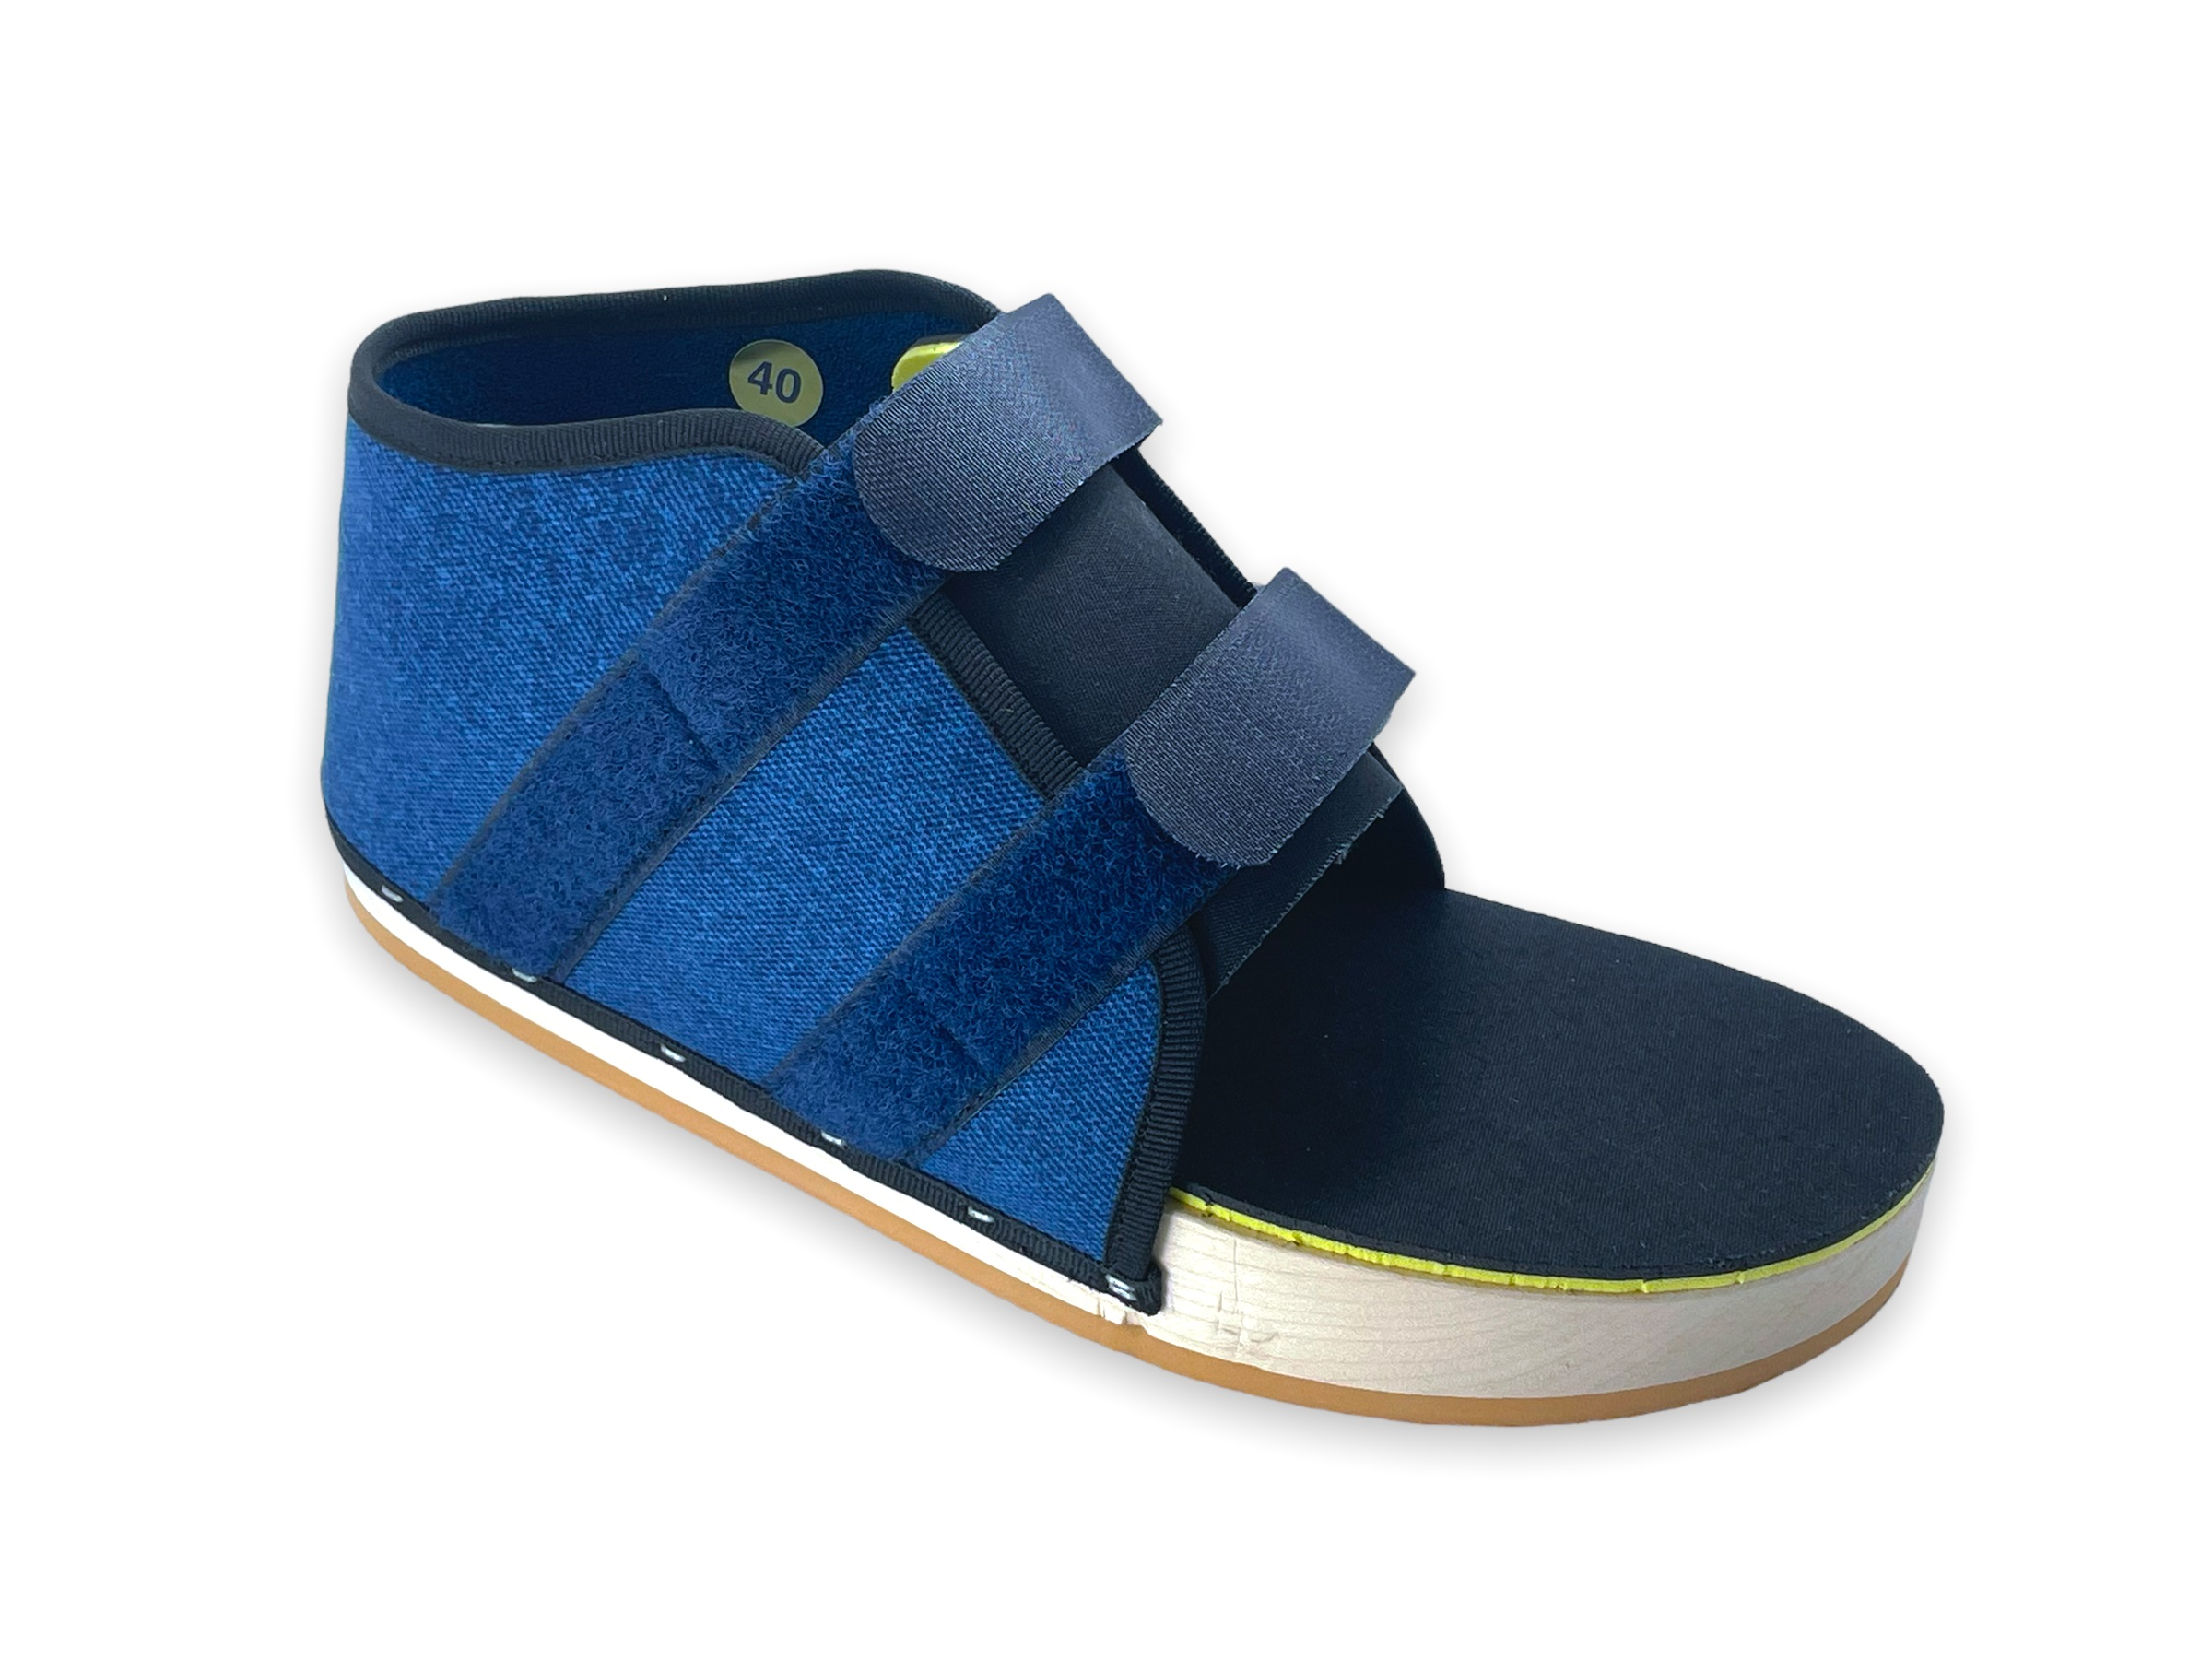 Hallux-Schuh mit Velcroverschluss, Fussform, Jeansstoff blau MiGeL23.01.10.00.1